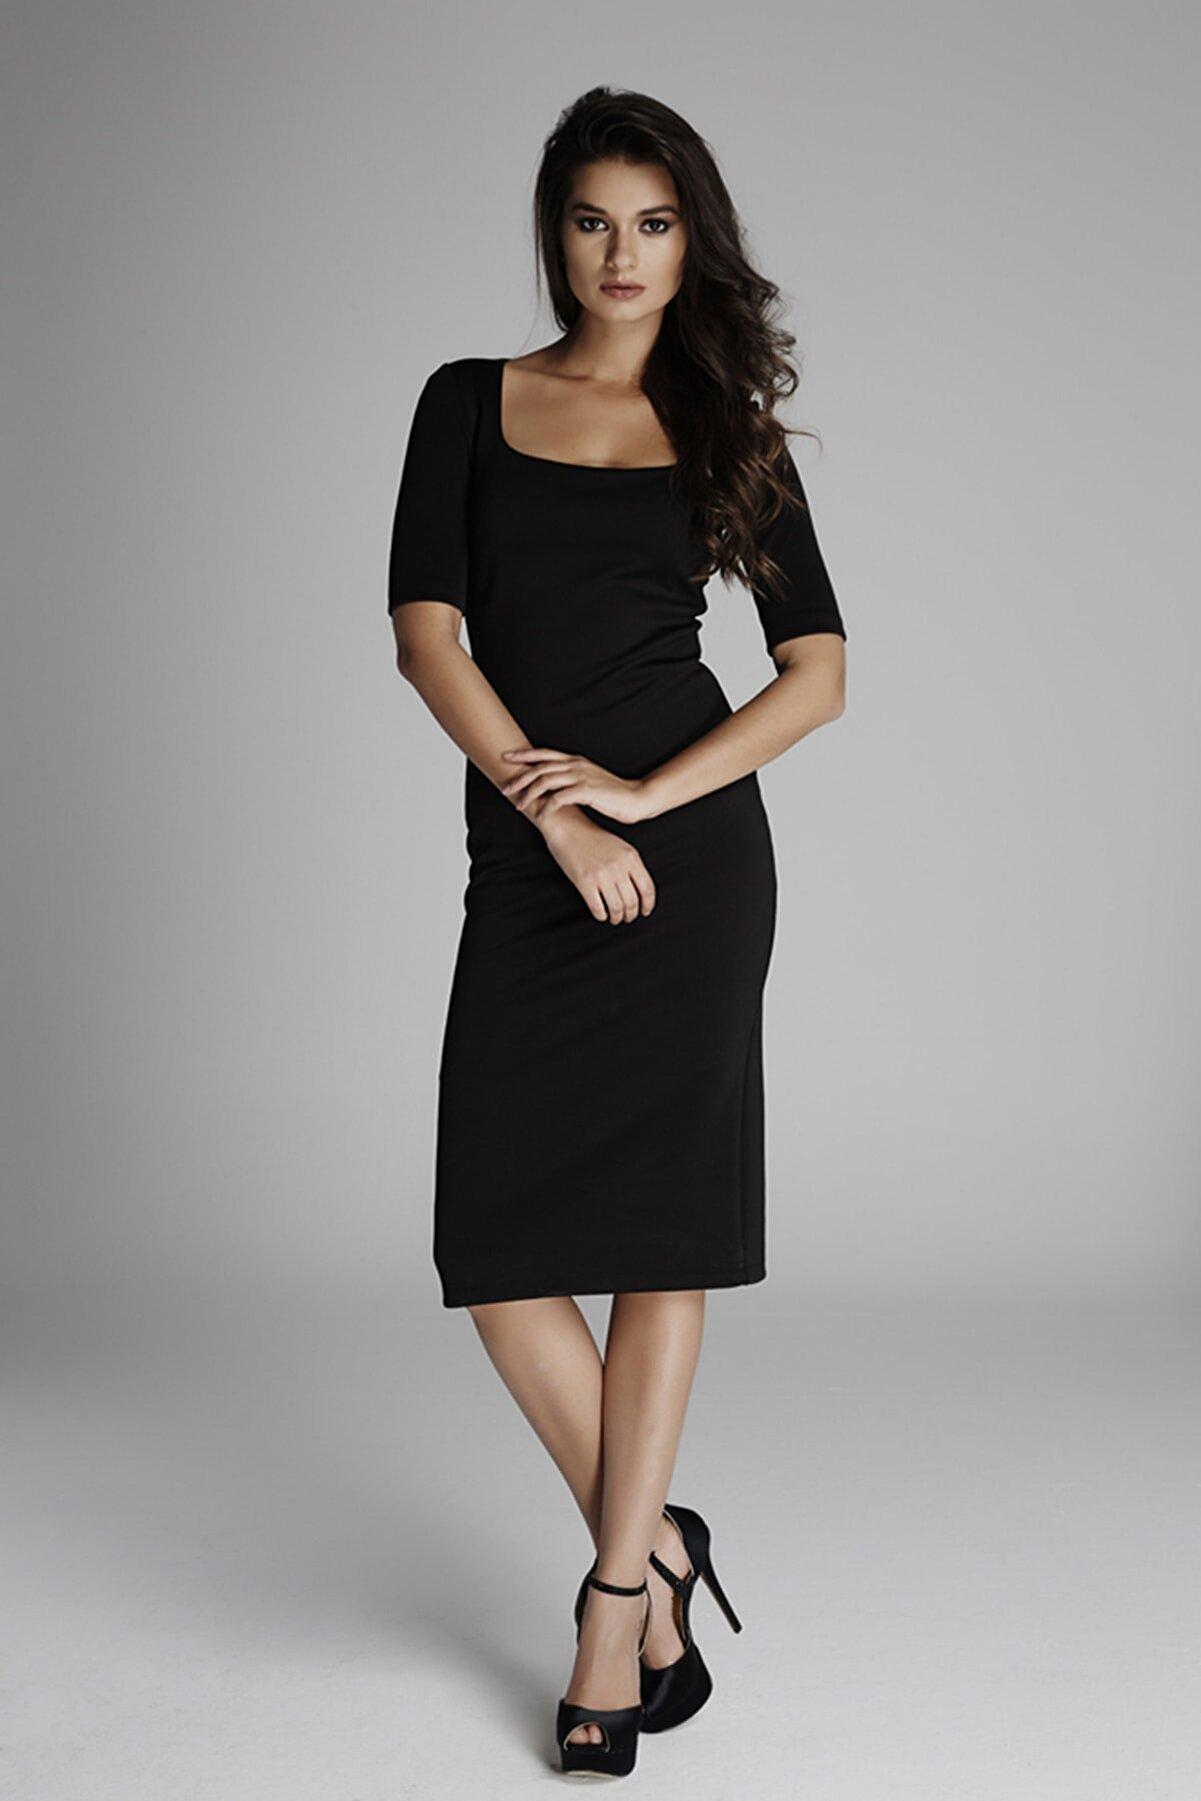 Laranor Kadın Siyah Balerin Yaka Yırtmaçlı Kalem Elbise